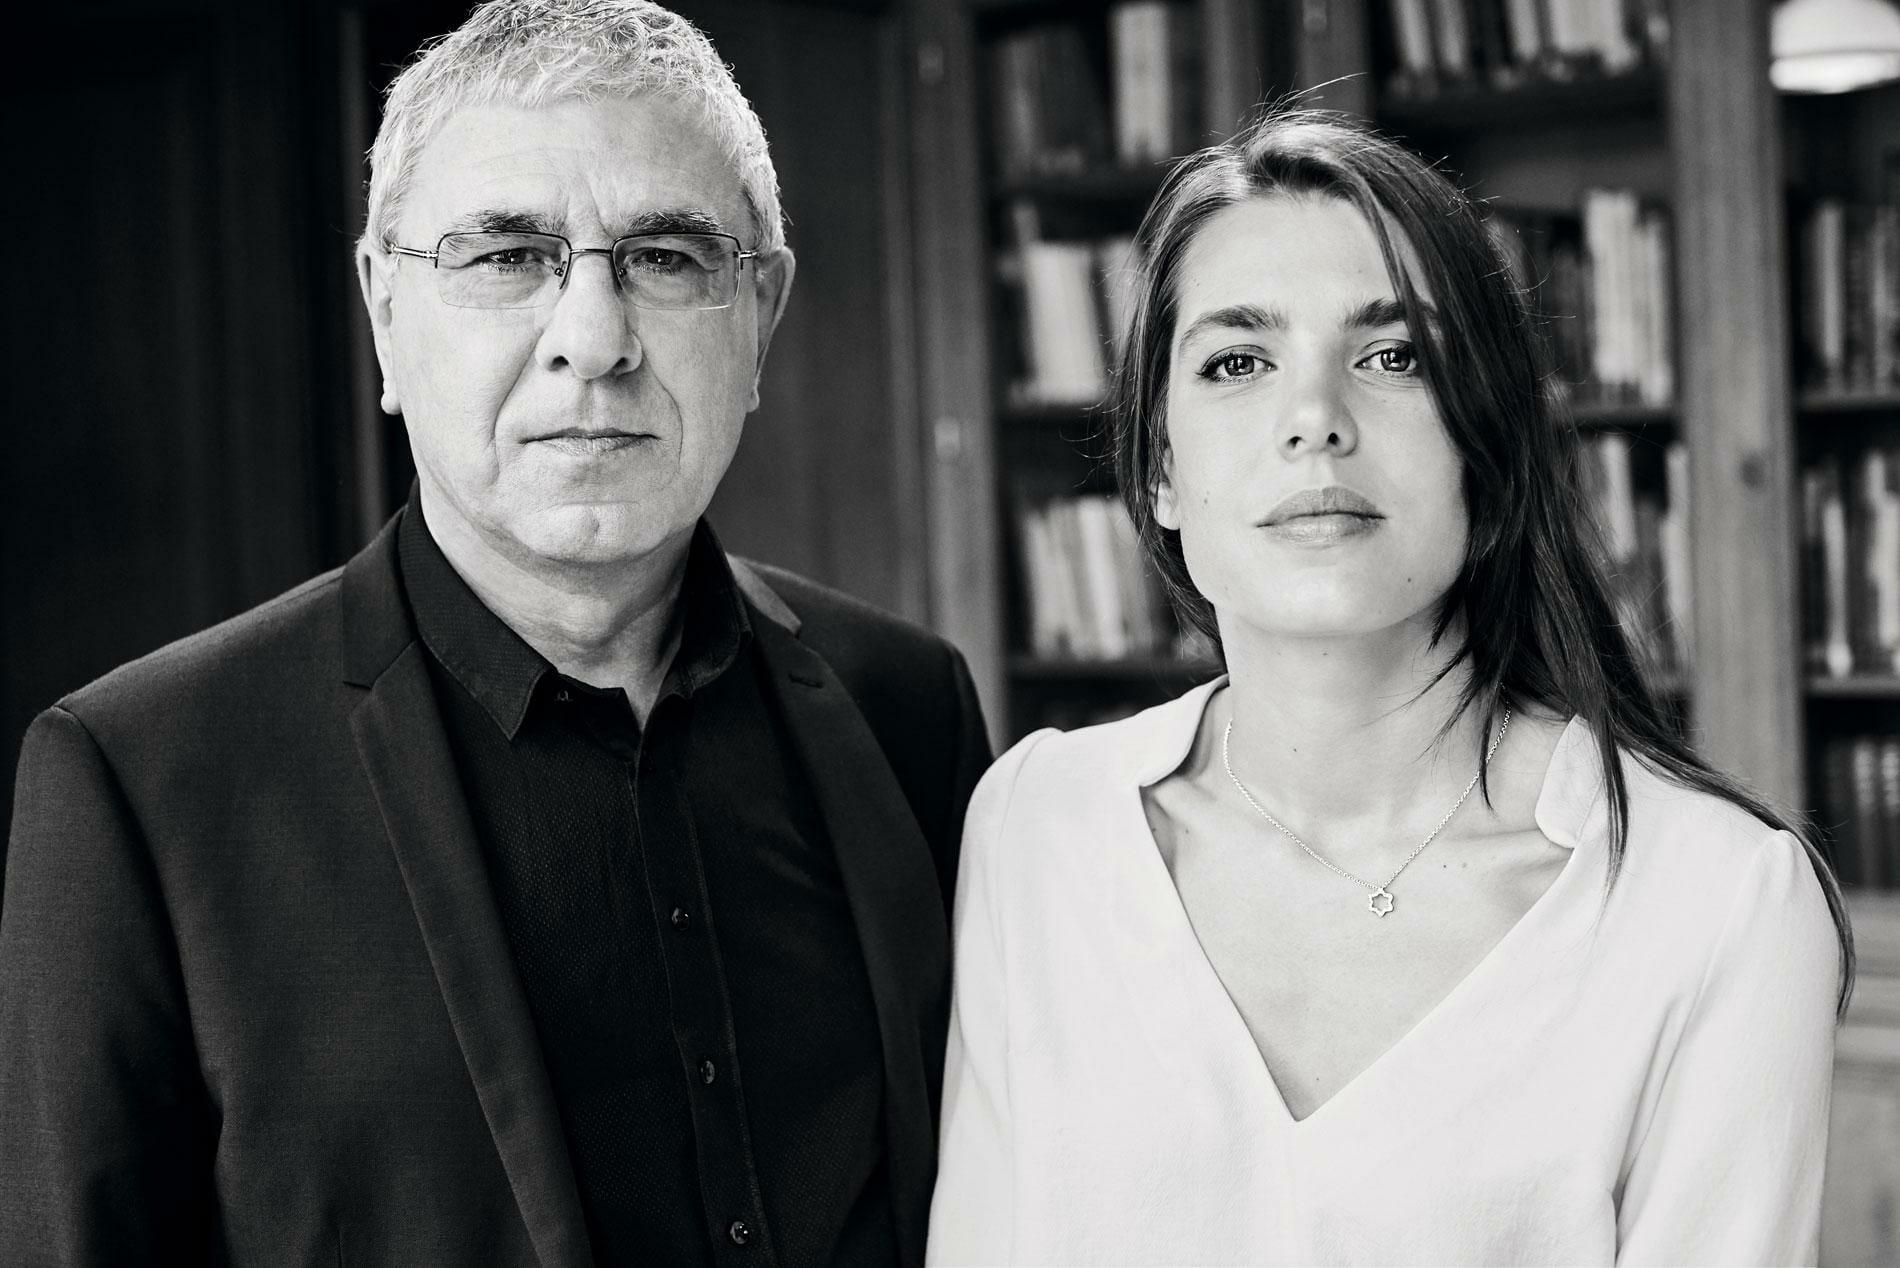 Charlotte Casiraghi and Robert Maggiori